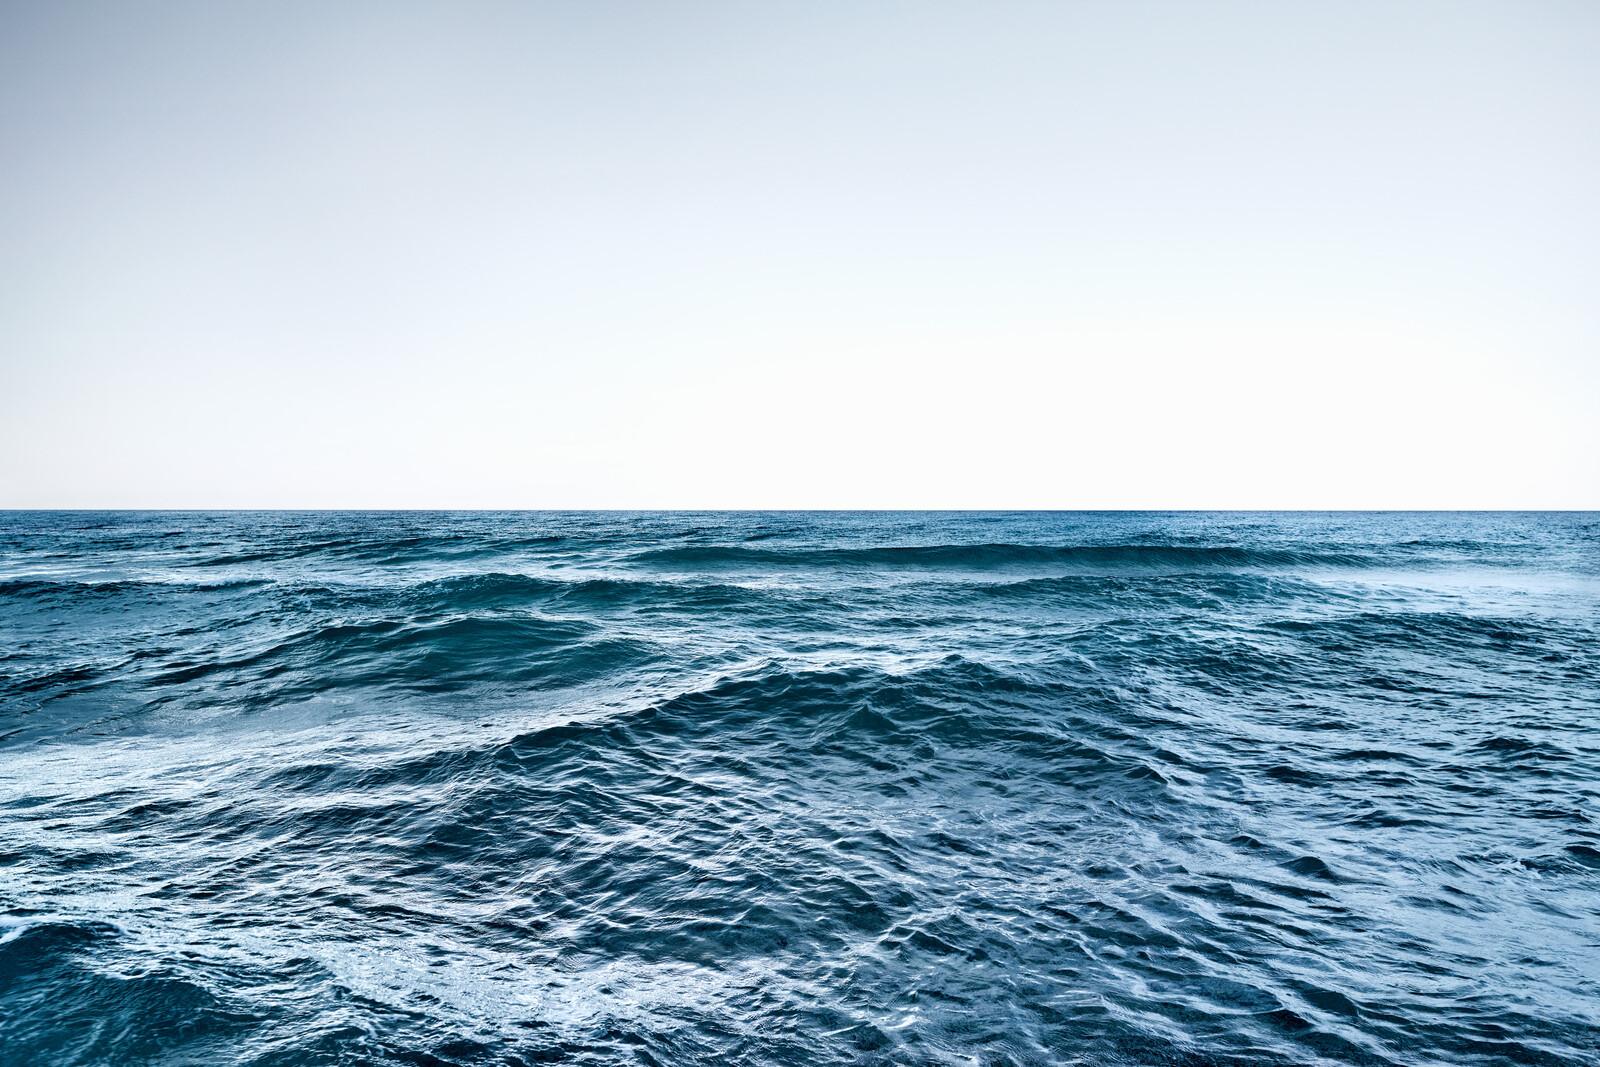 Sea #13 - Wolfgang Uhlig